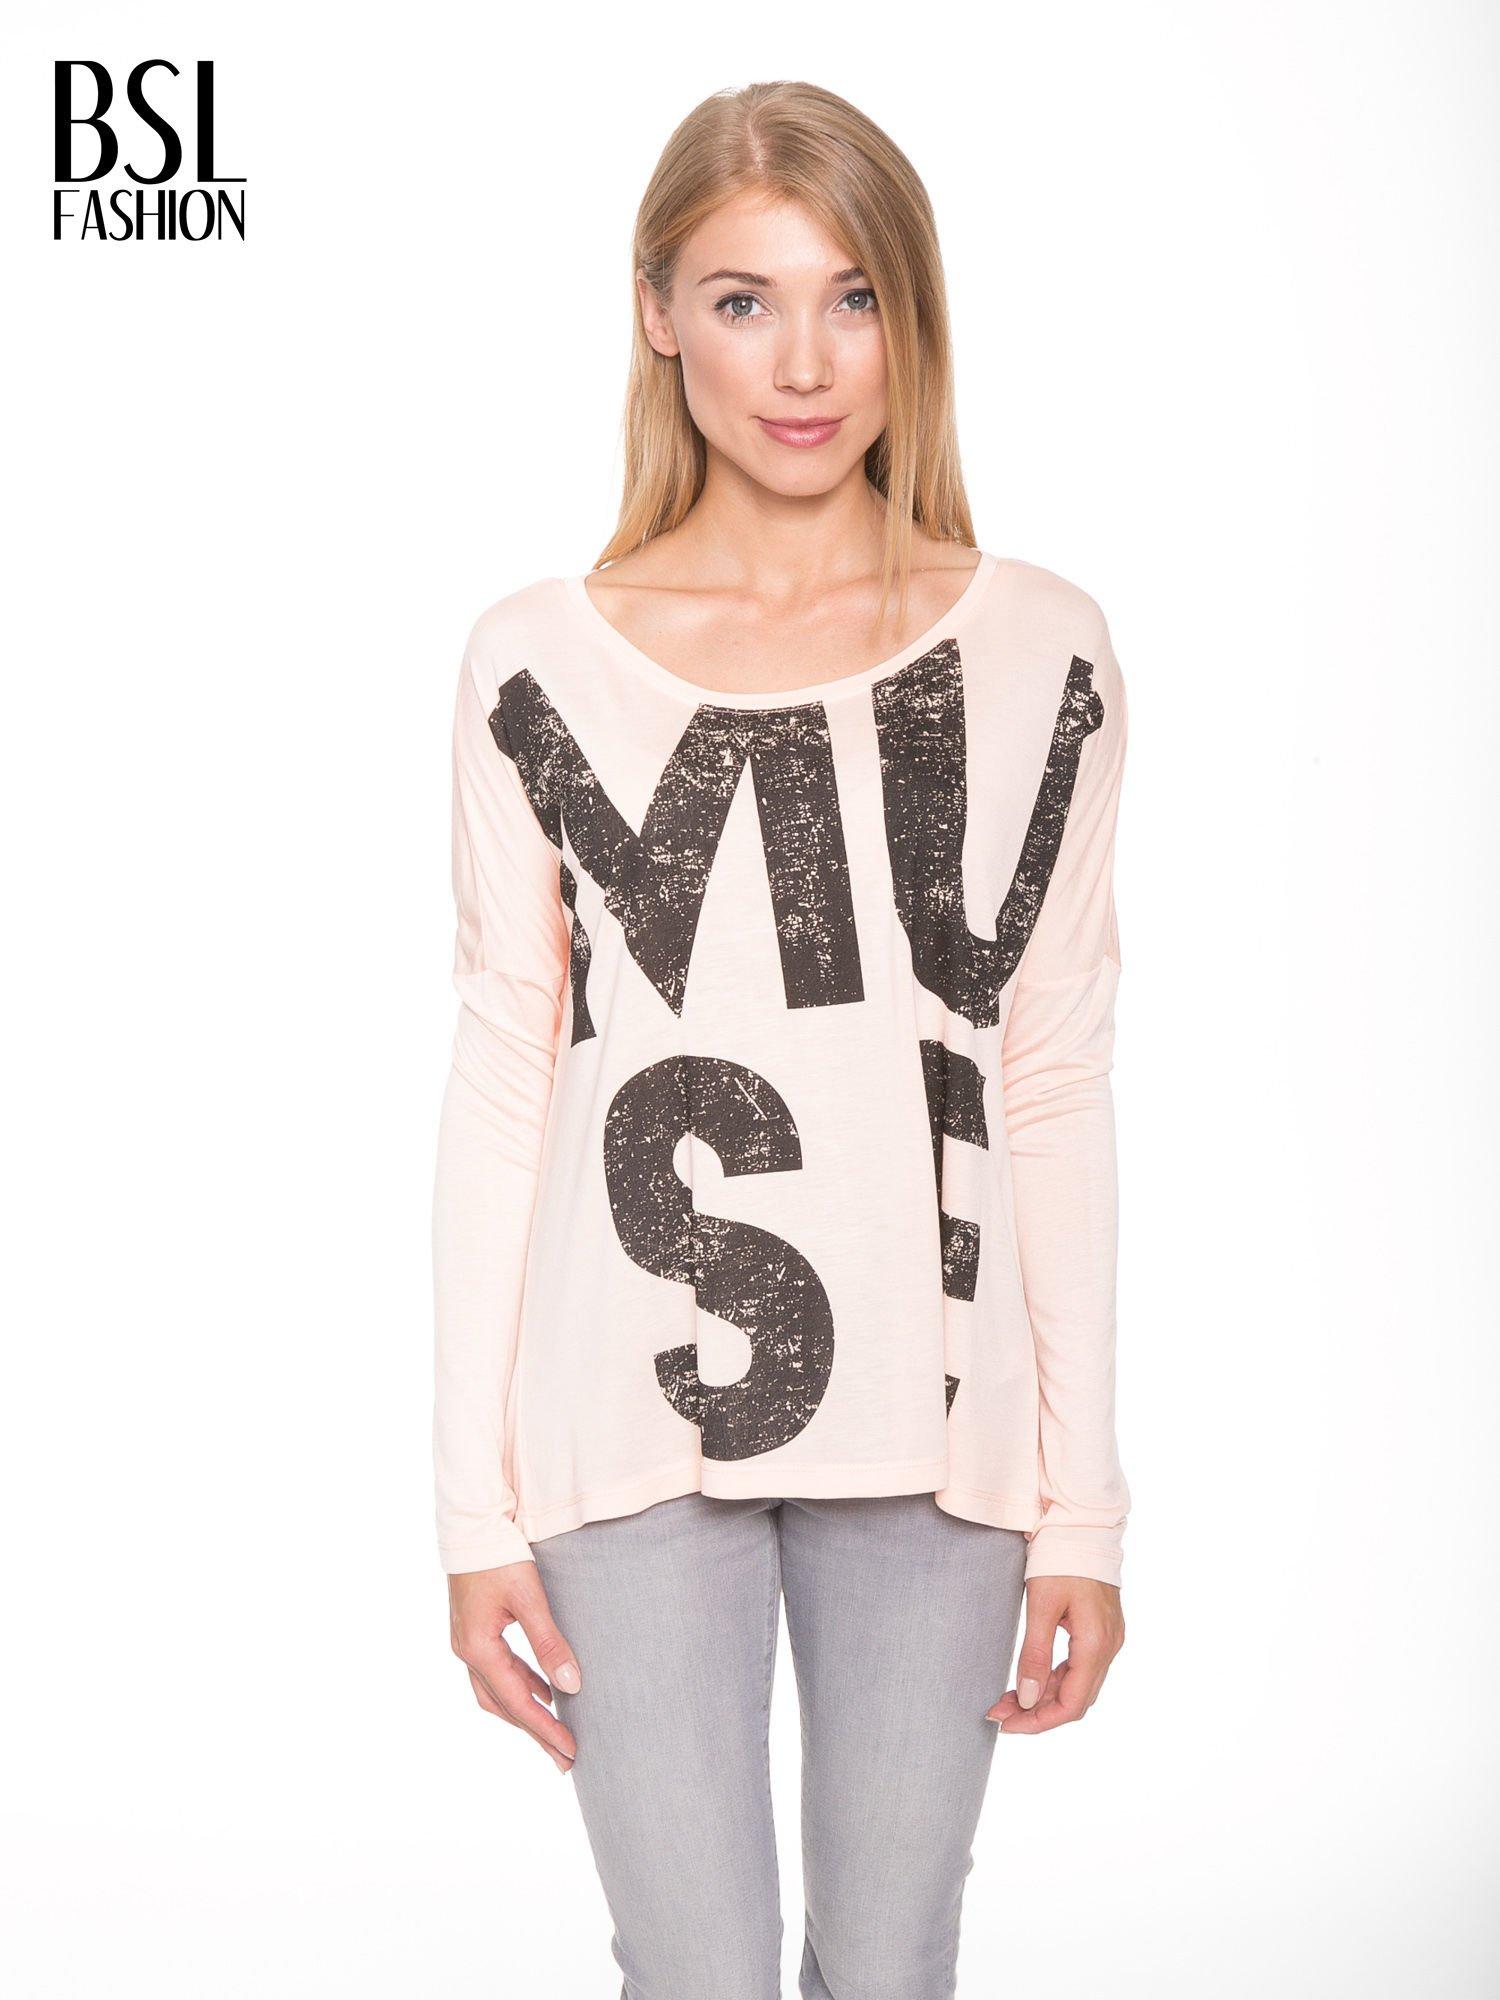 Łososiowa bluzka z dużym napisem MUSE                                  zdj.                                  1